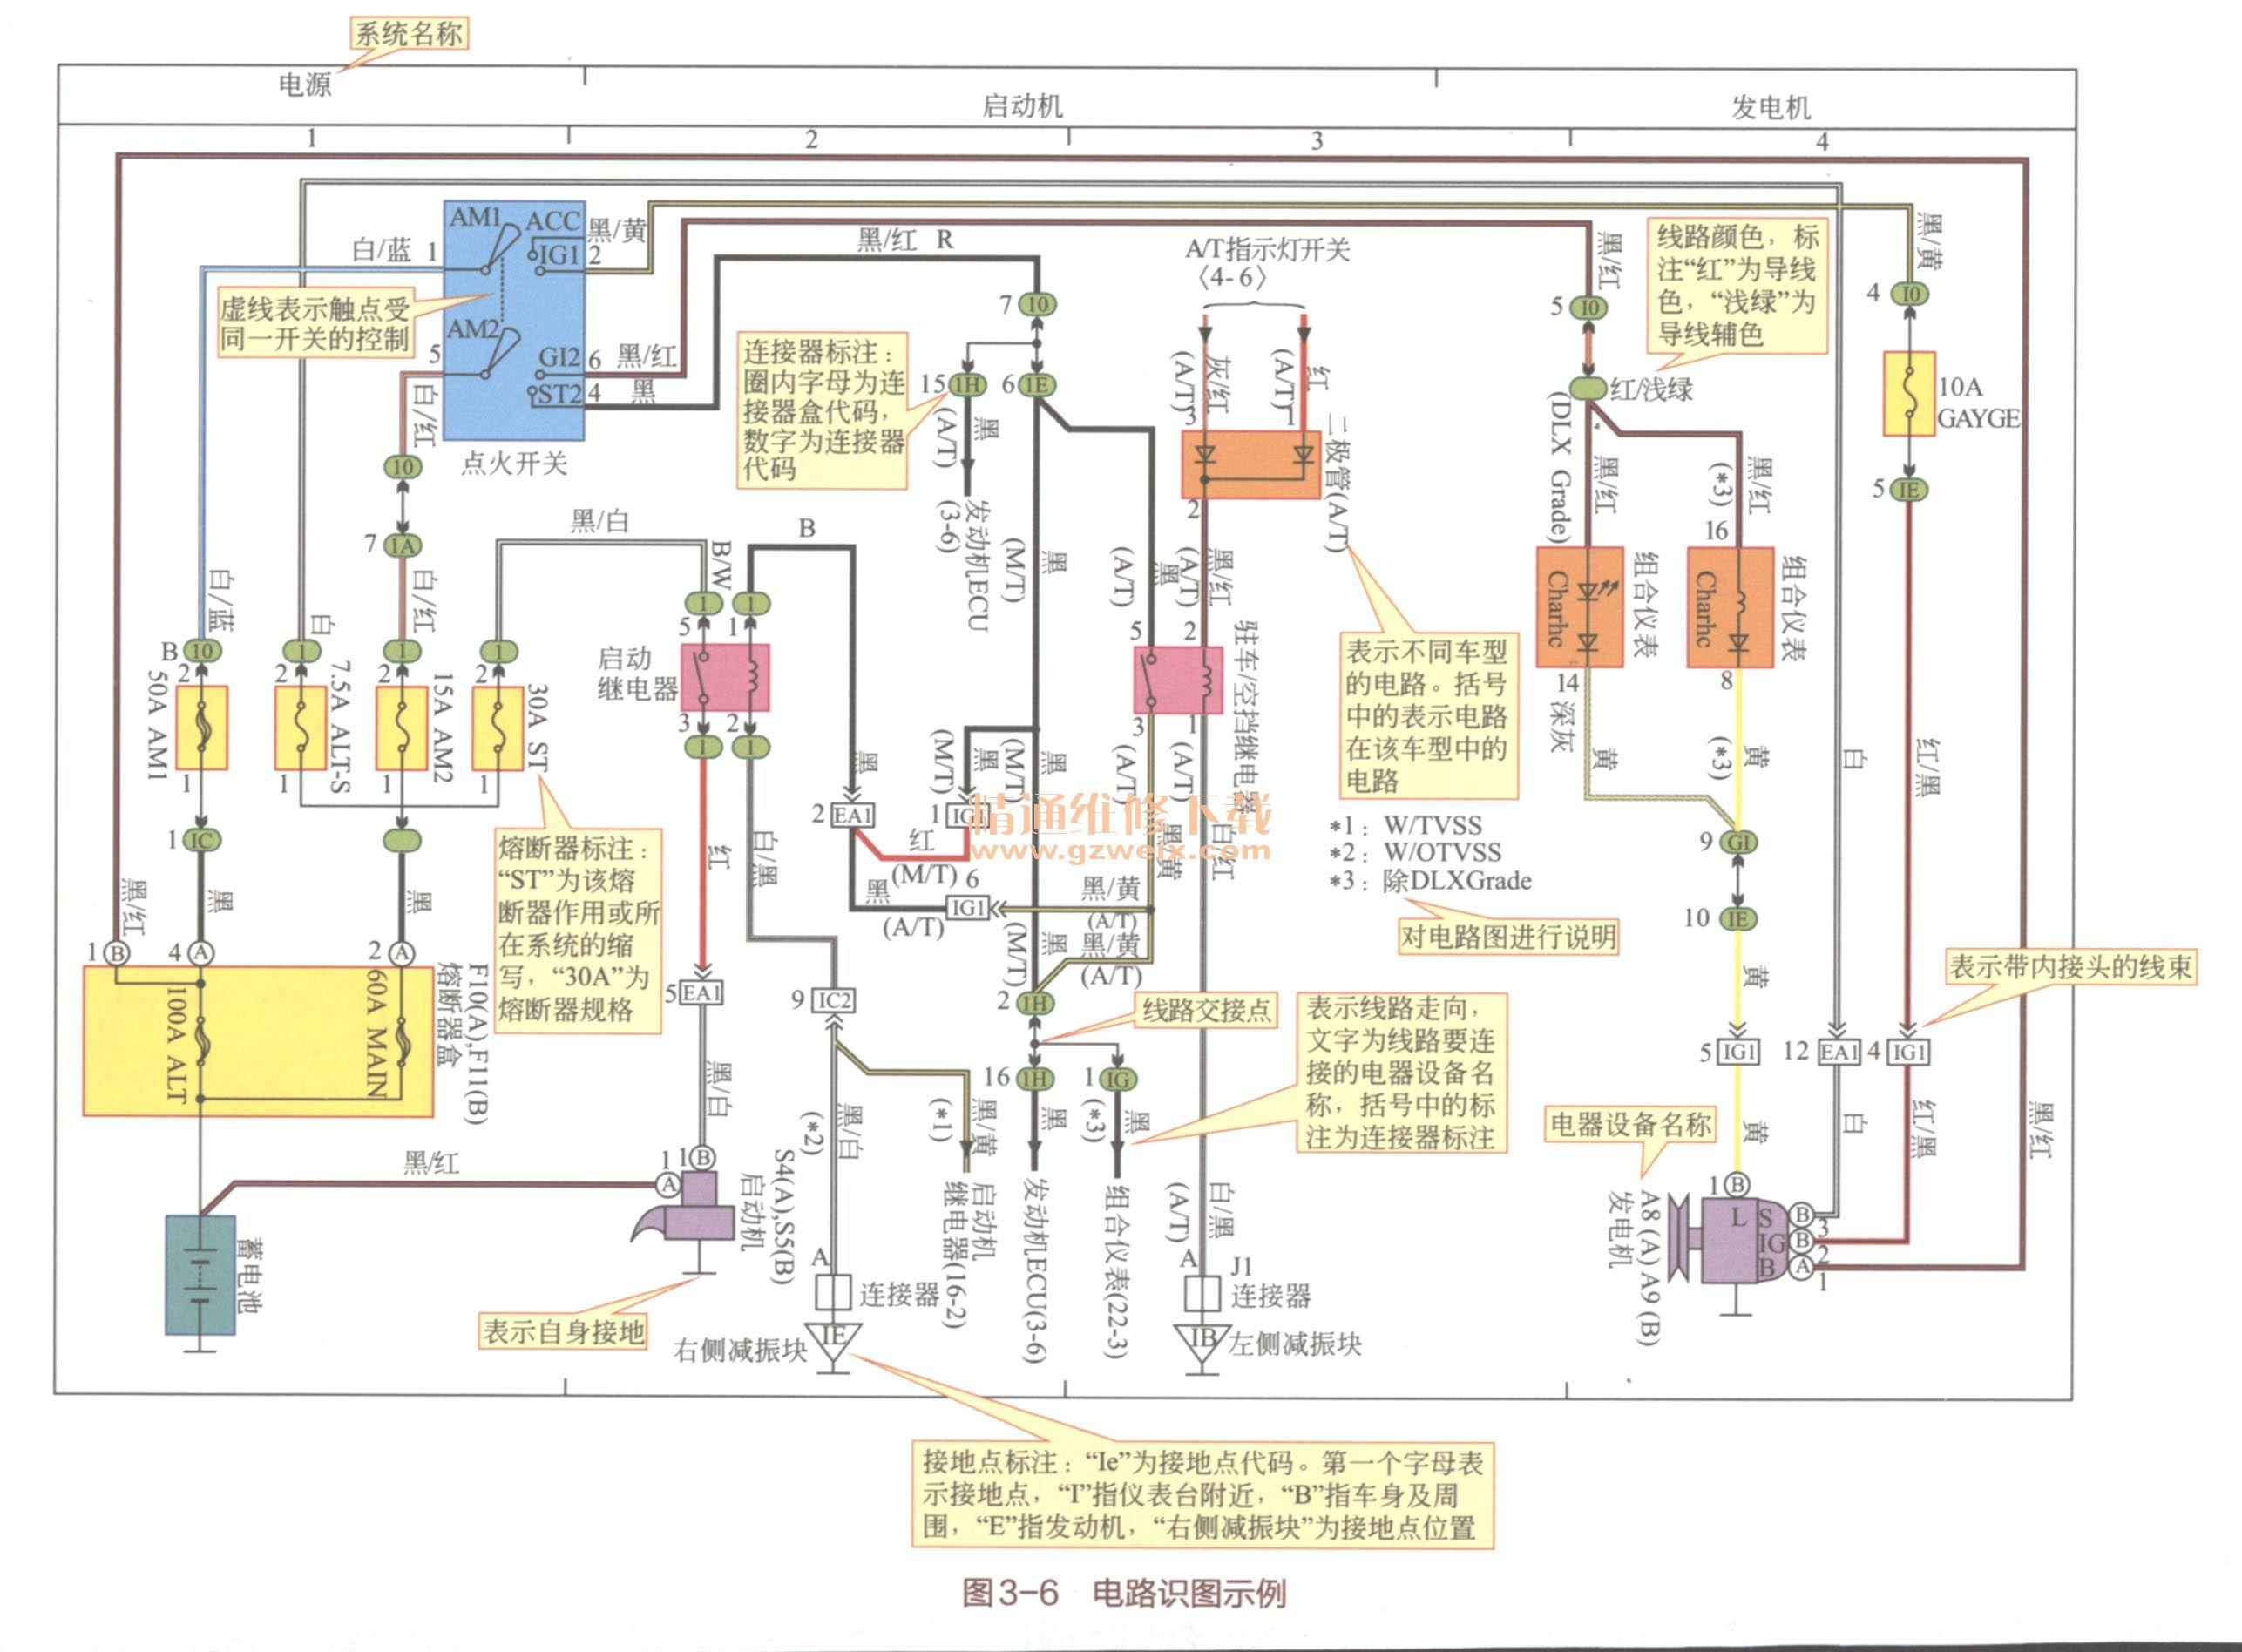 二、一汽丰田汽车电路识图示例 1.电路导线颜色代码 丰田汽车电路图的特点:电路图中的电气元件通常用文字直接标注;把整个电路图作为一个总图,各系统电路按横轴方向逐个布置,并在电路图上方标出各系统电路的区域和代表该电路系统的符号及文字说明;电路图中绘出了搭铁点,并标注代号与文字说明,可以从电路图了解电路搭铁点,直观明了;电路图中,有的还直接标出电路插接器的端子排列和各端子的使用情况,给识图和电路故障查寻提供了方便。 电路导线颜色代码如表3-10所示。  2.电路图符号及含义 电路图符号及含义如表3-11